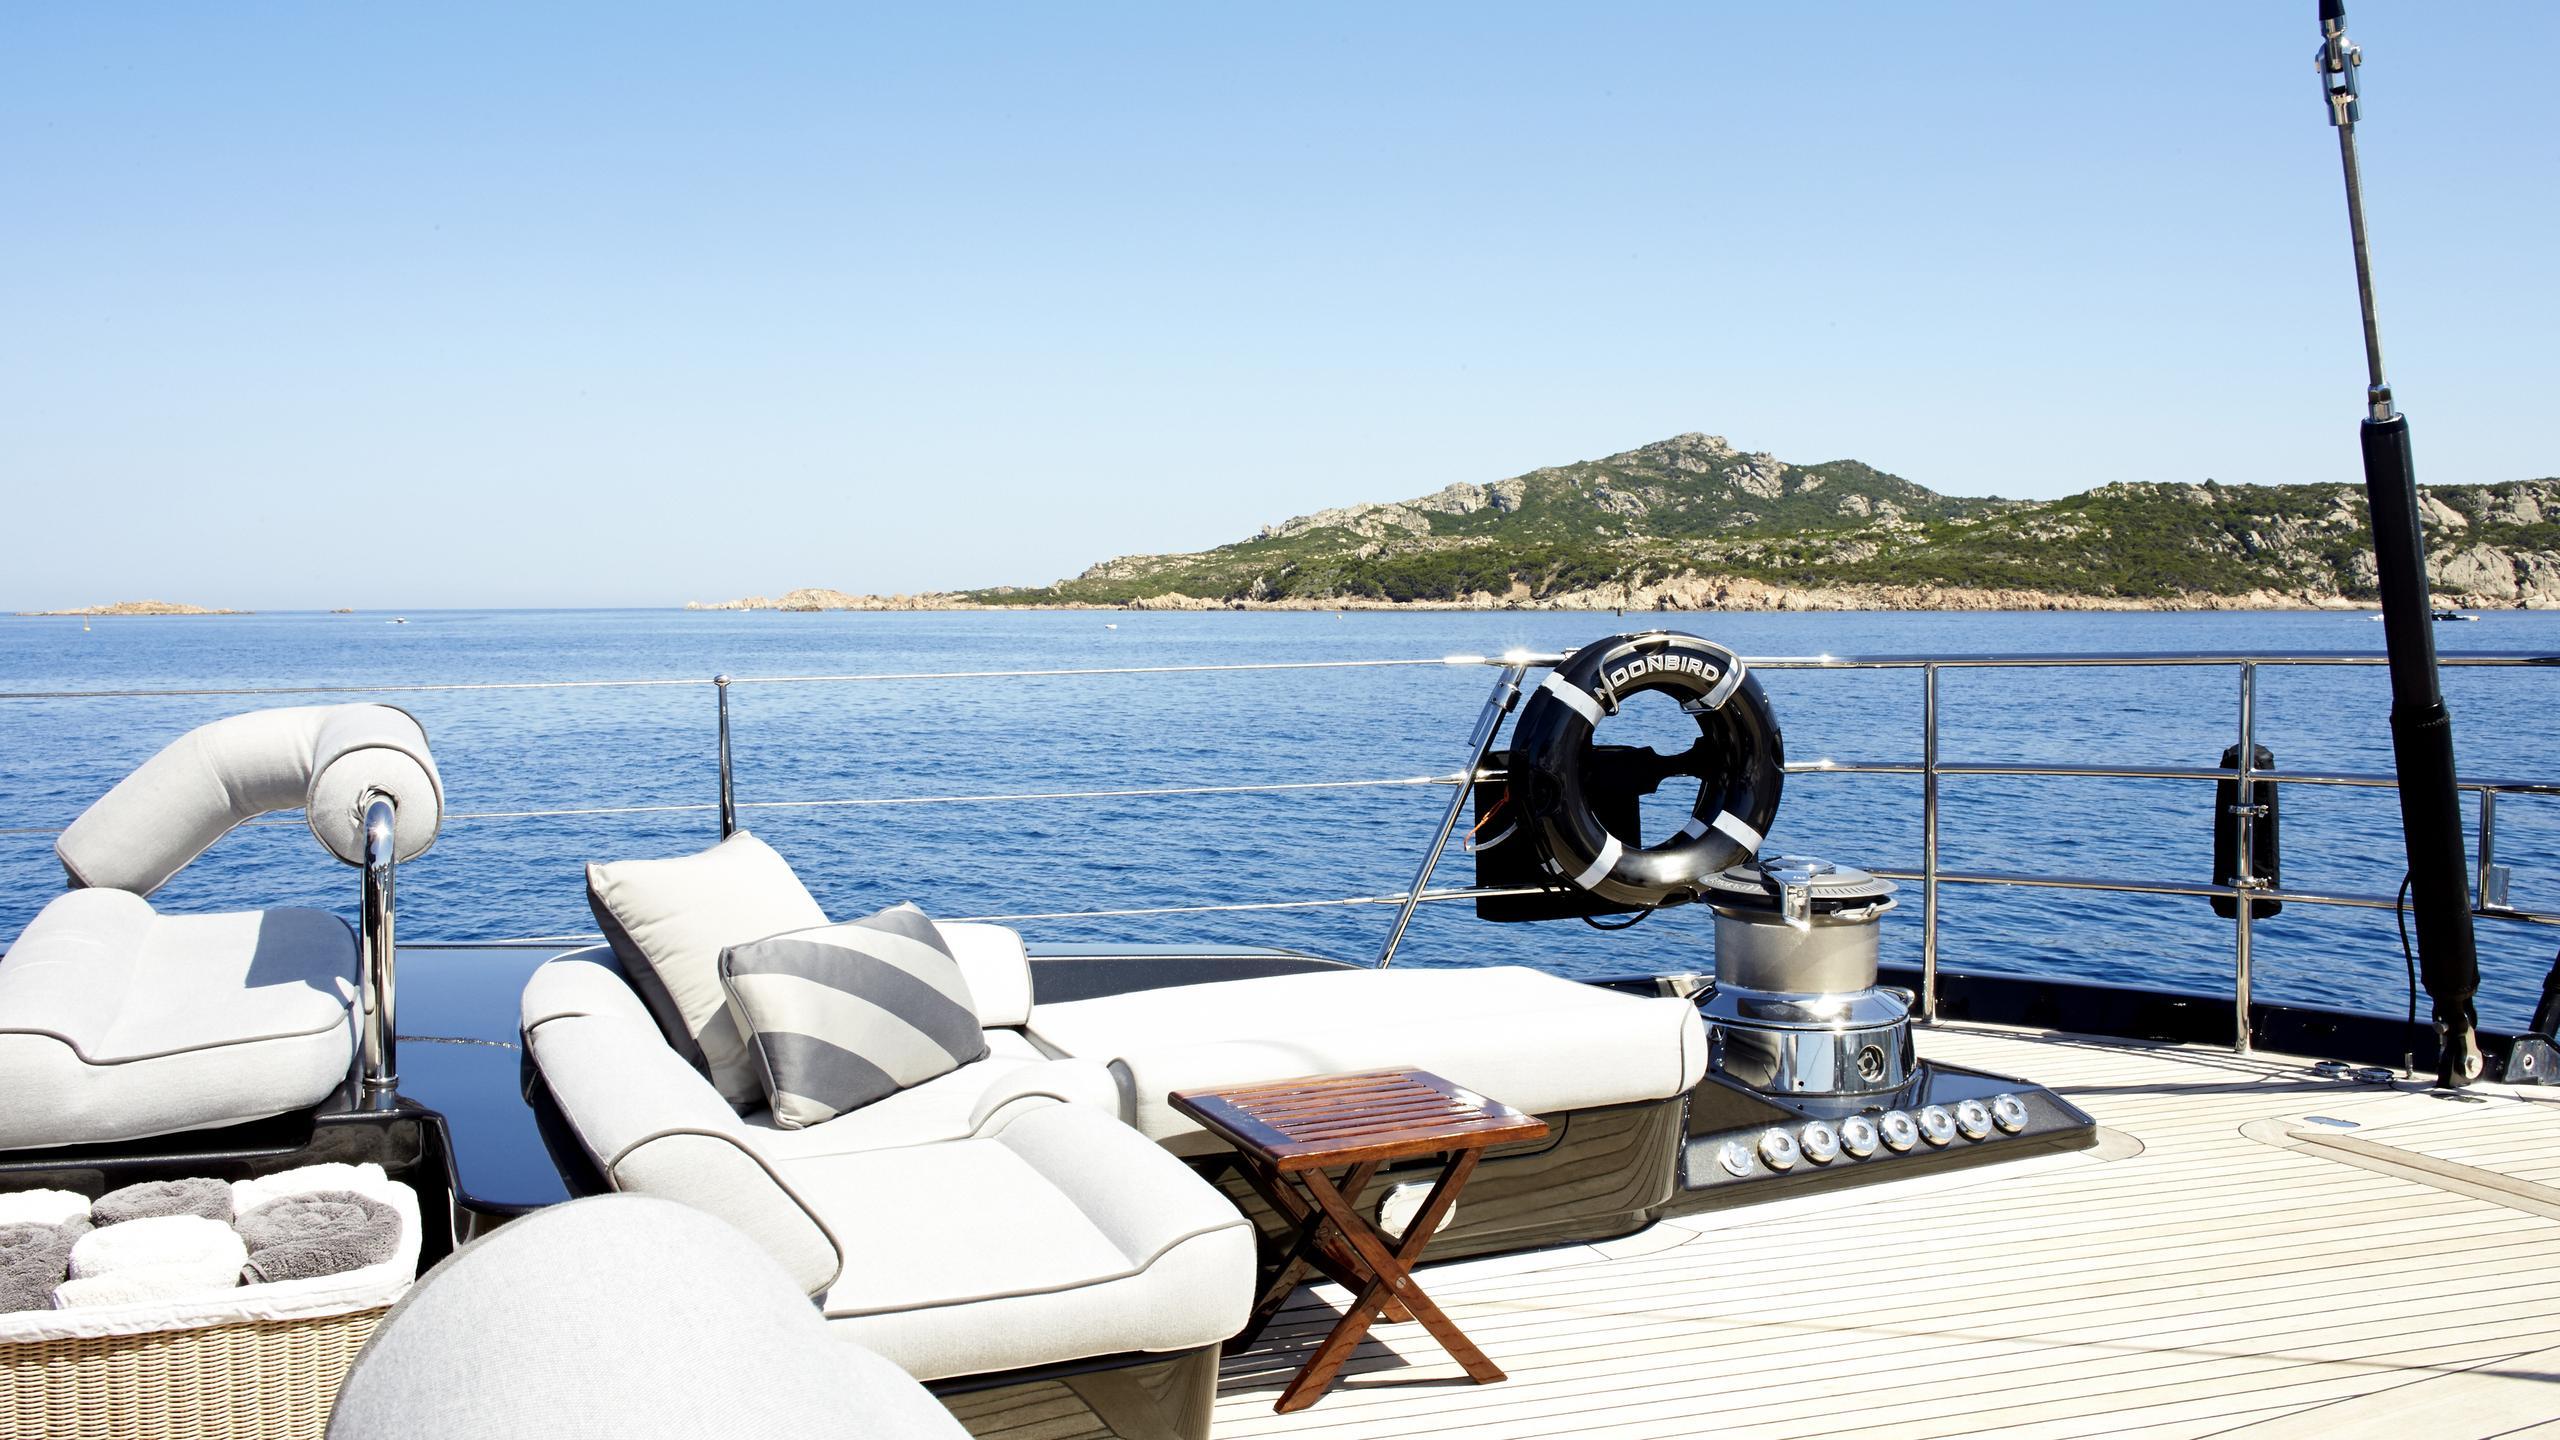 moonbird-yacht-aft-aft-seating